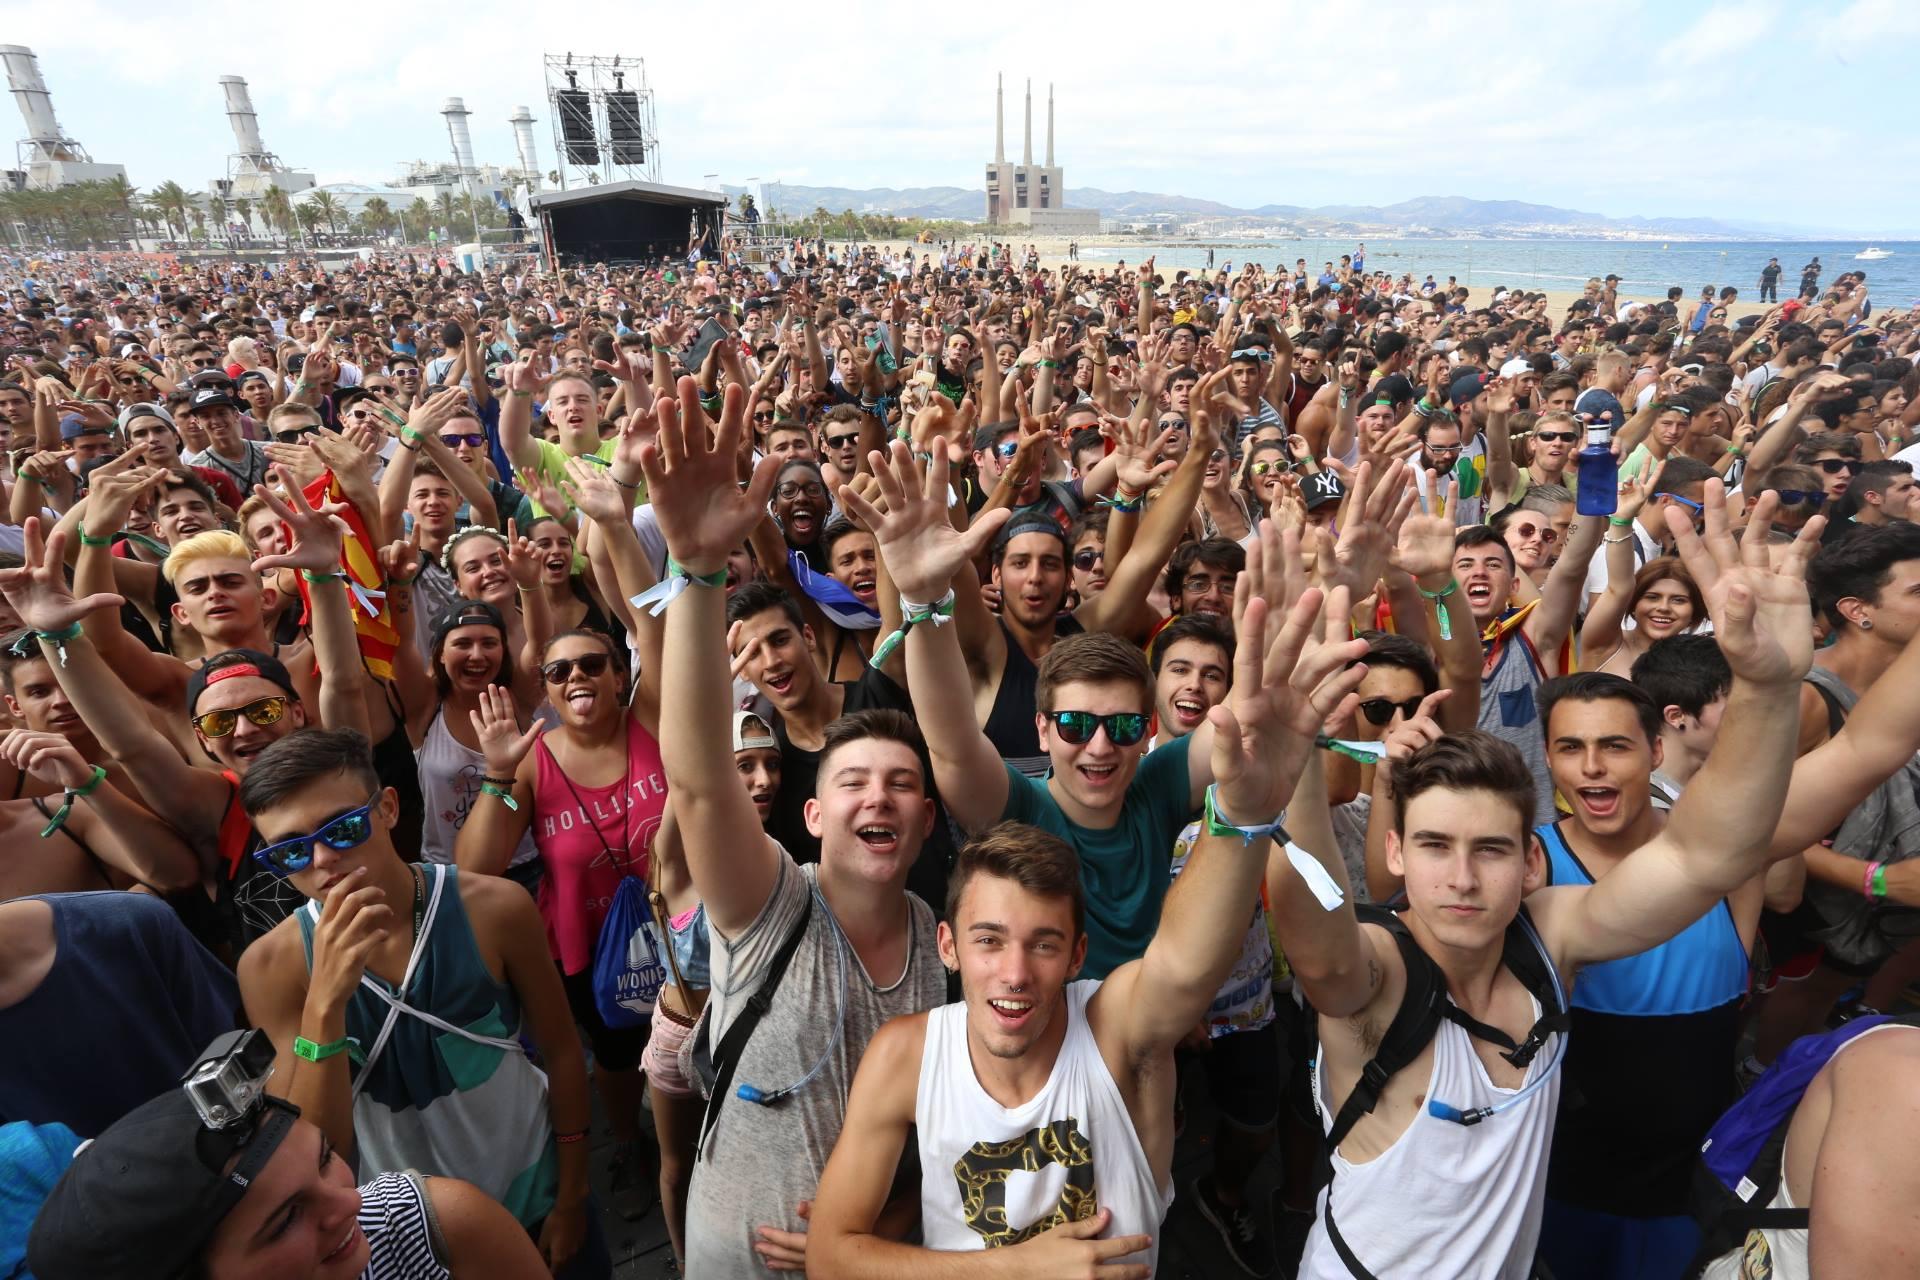 Spain Barcelona beach party